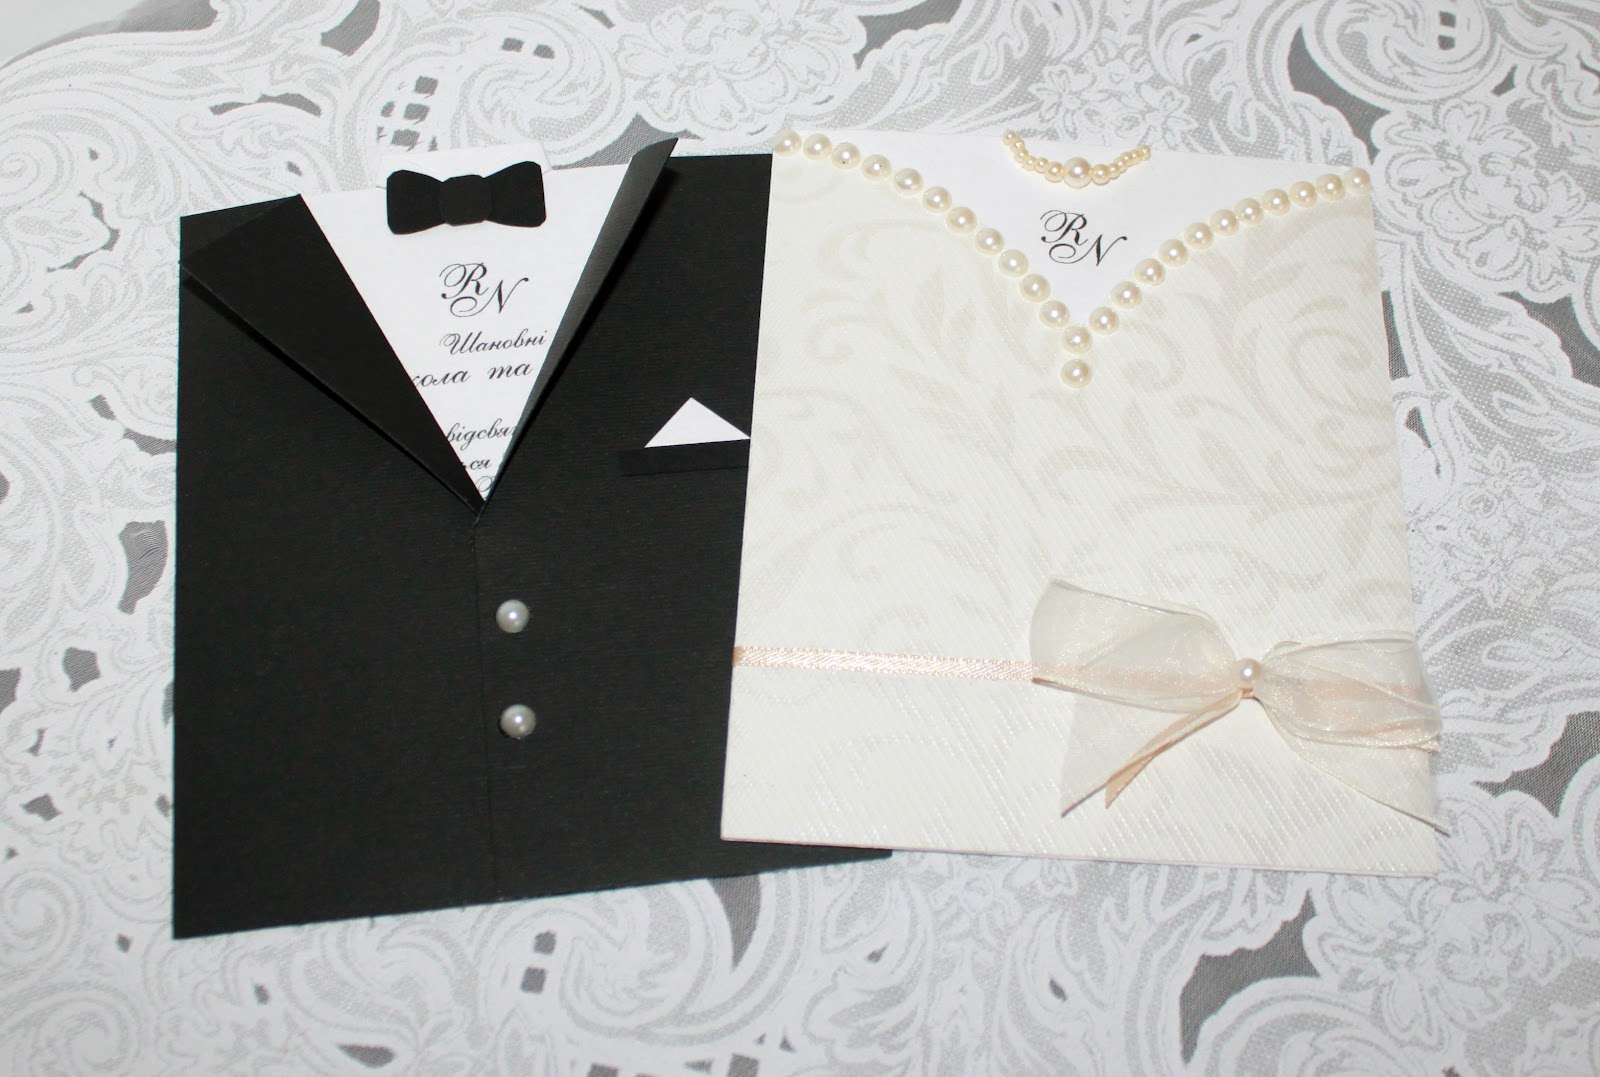 Пару варіантів запрошення на весілля